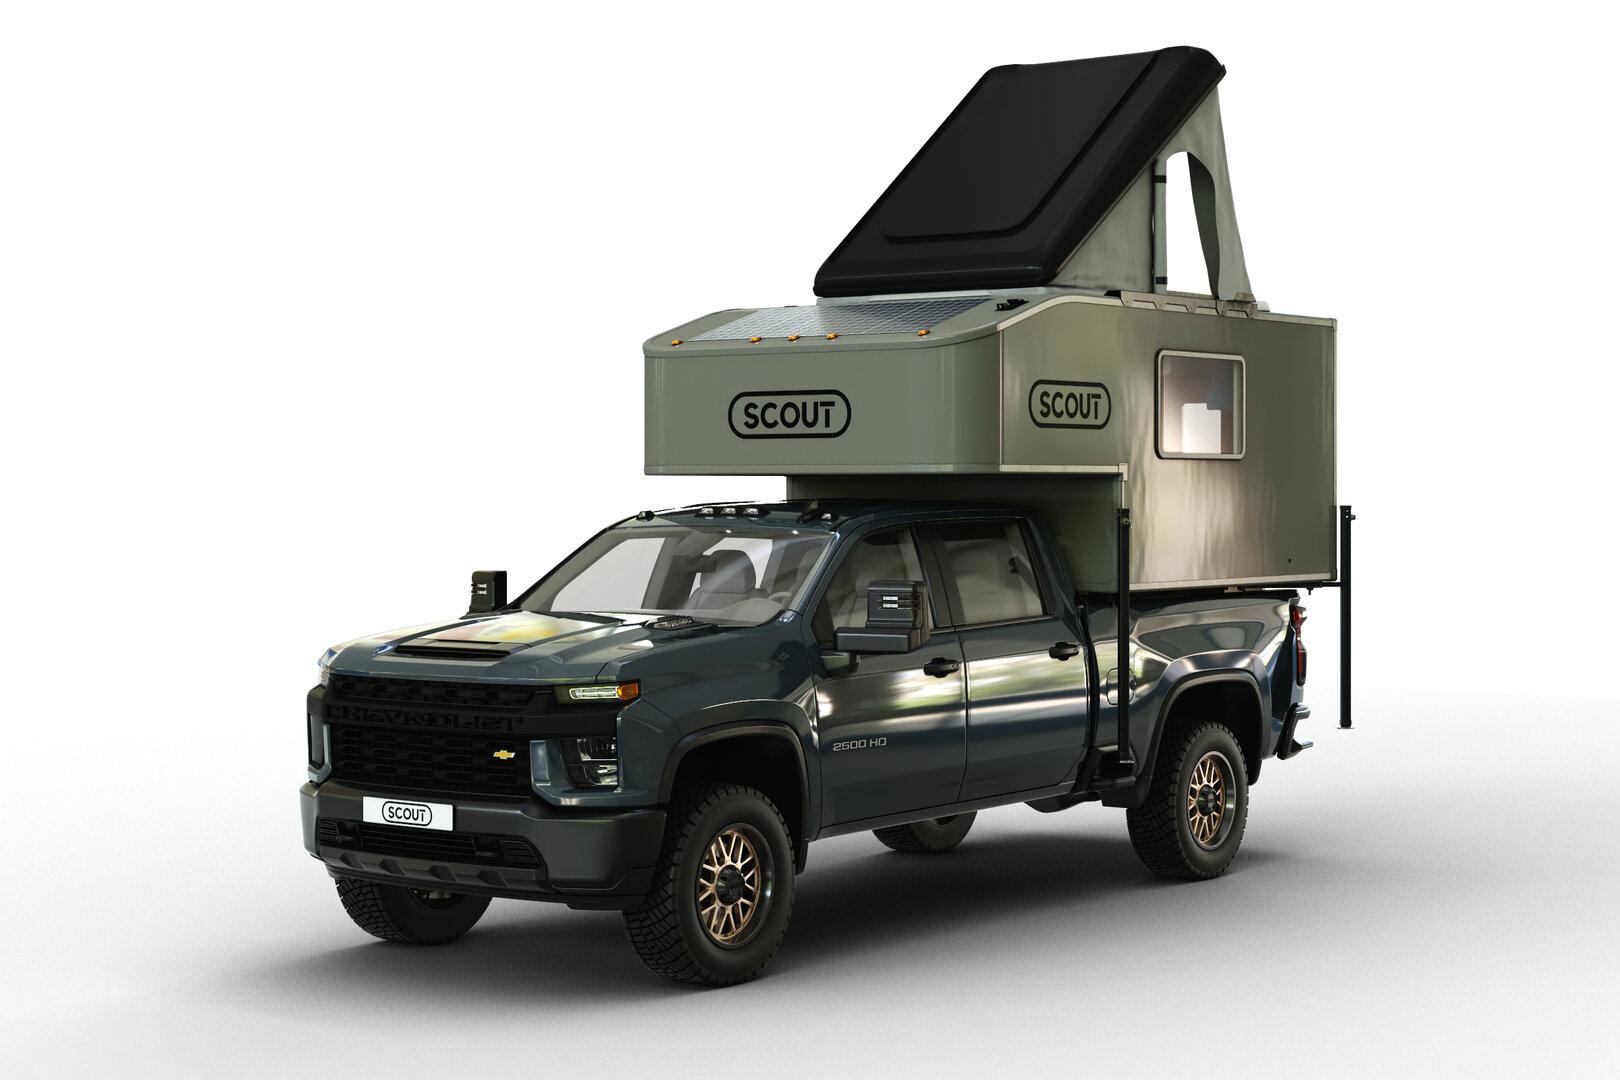 """Scout Camper y su módulo Kenai 8.0 """"camperizan"""" los pick-up"""